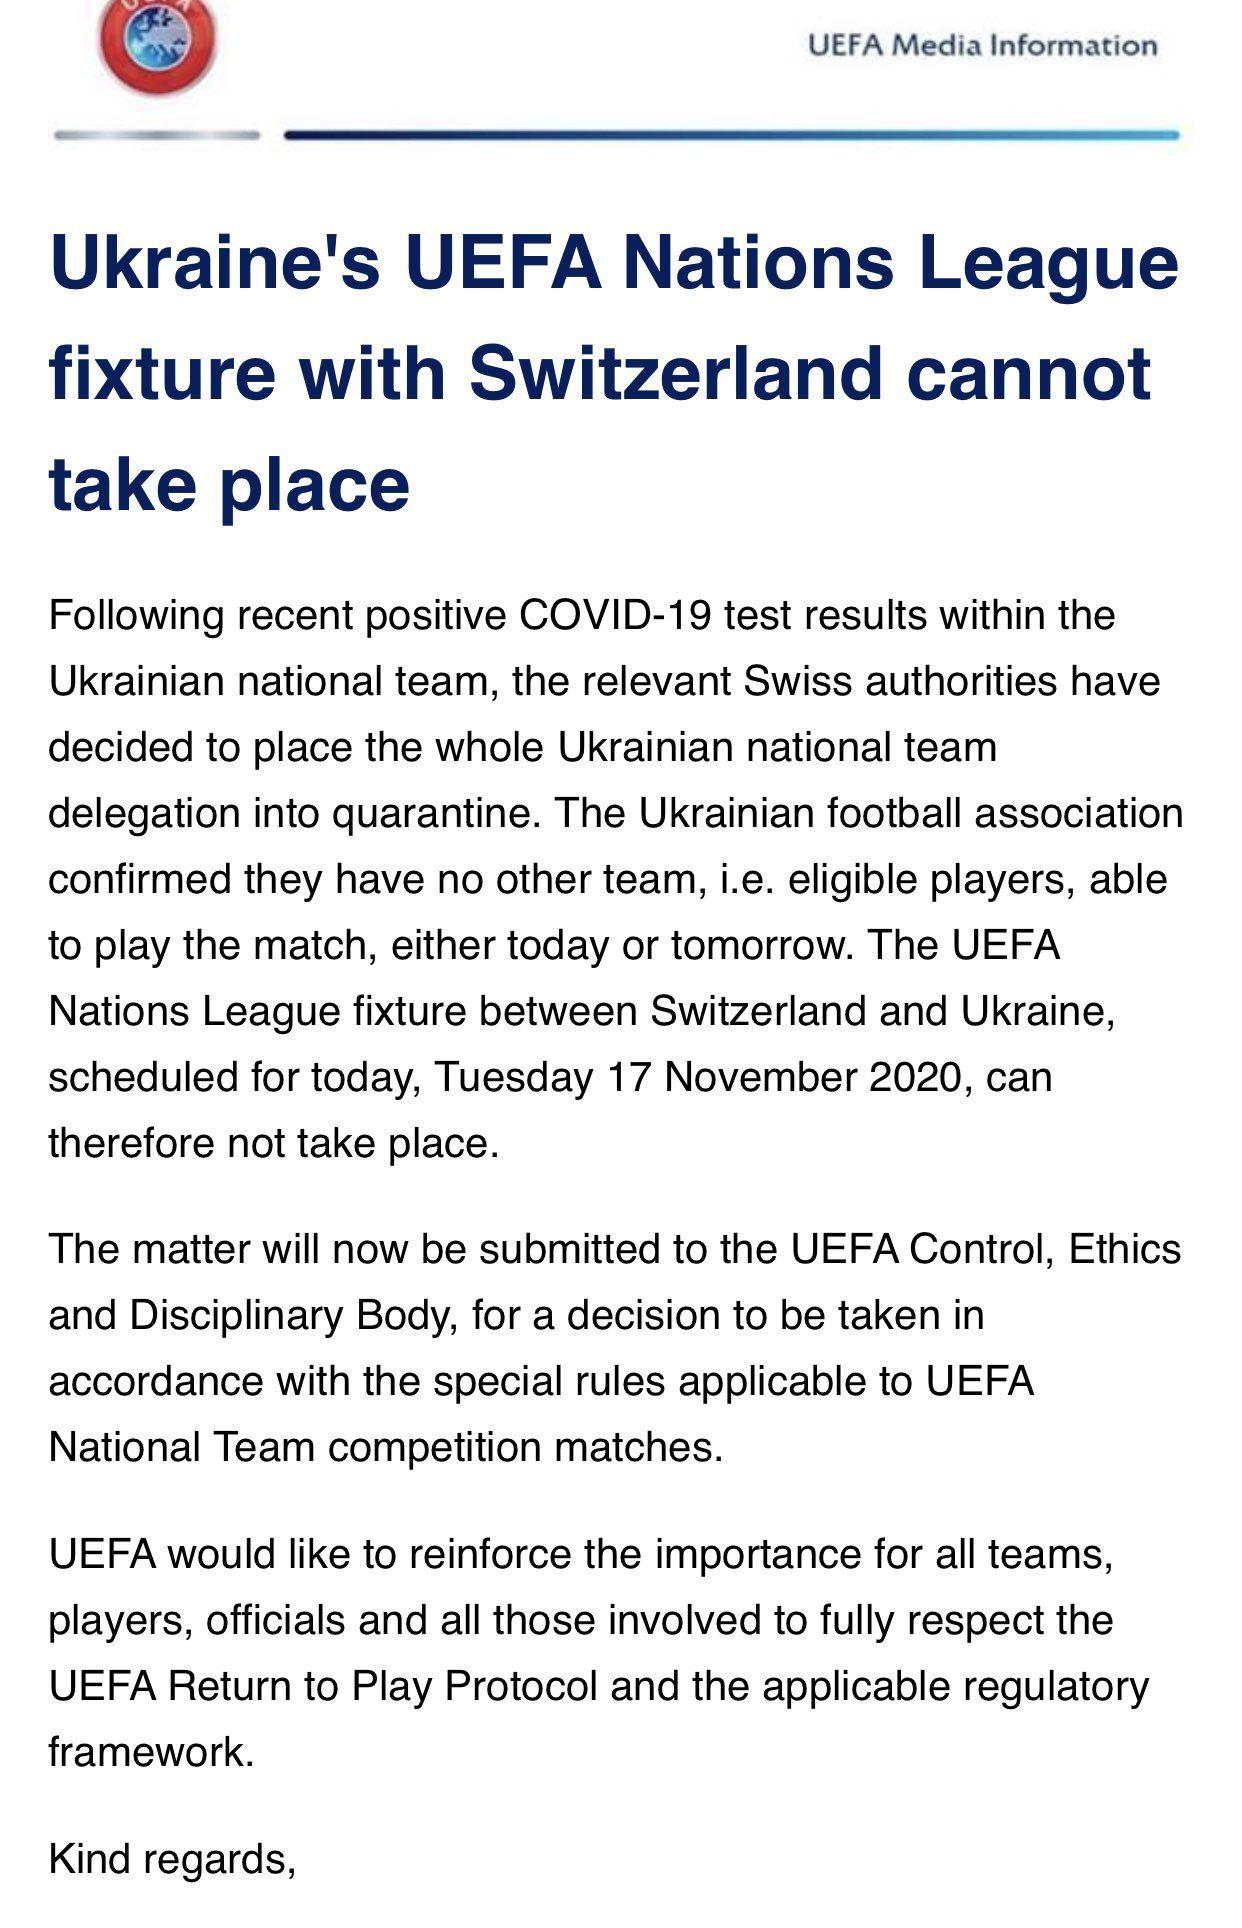 Швейцария и Украина не сыграют и в среду. УАФ отказалась в кратчайшие сроки привезти новую команду - изображение 1